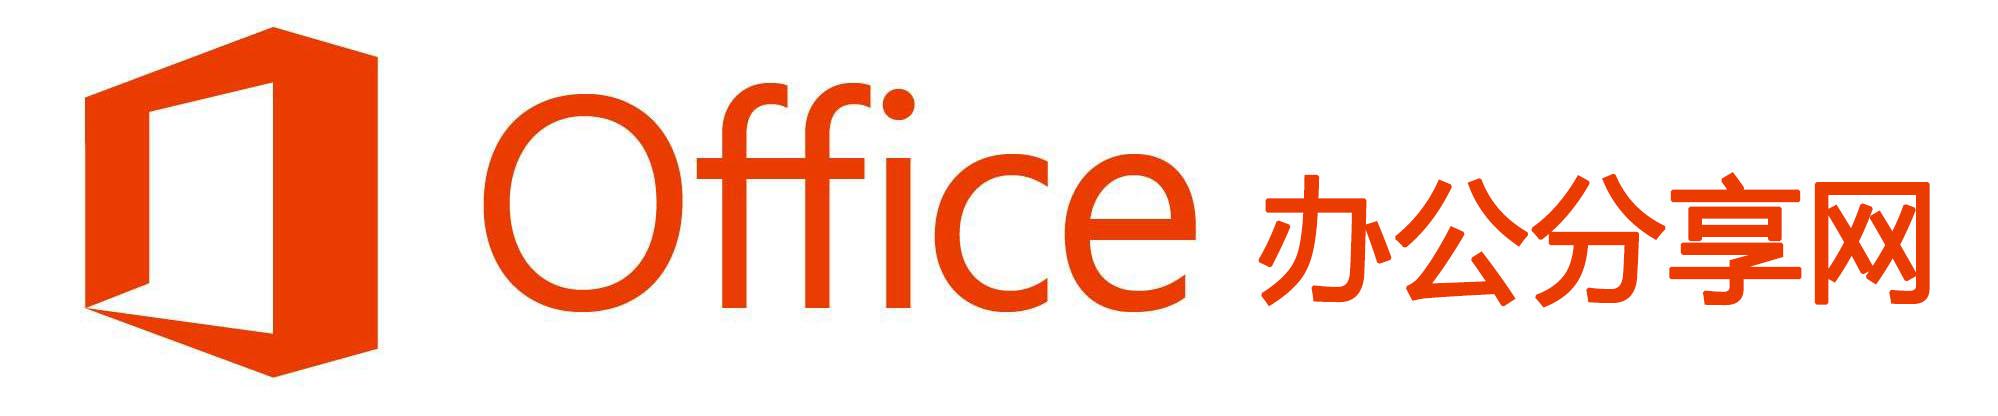 office办公软件入门基础教程